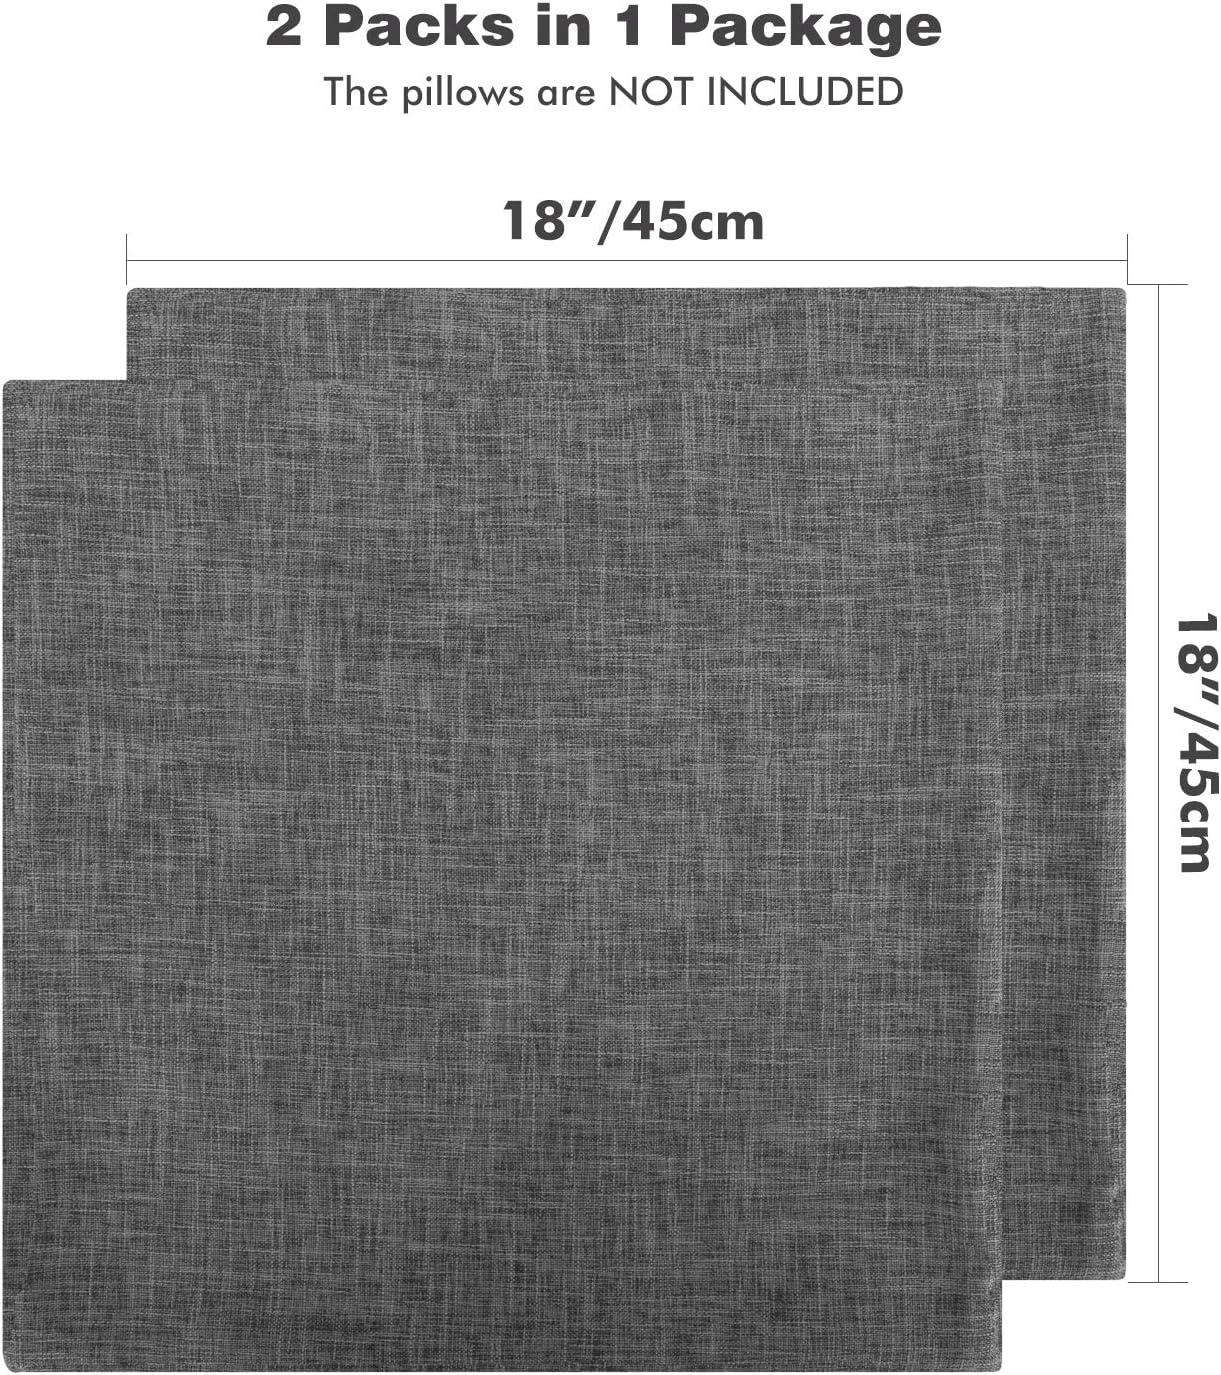 Couleur Unie Coussin et D/écoration de Canap/é Lewondr Taie doreiller en Lin Fin Linge de Lit Orange Rectangulaire et Souple 12 x 20 Pouces // 30 x 50 cm 2 Pi/èces